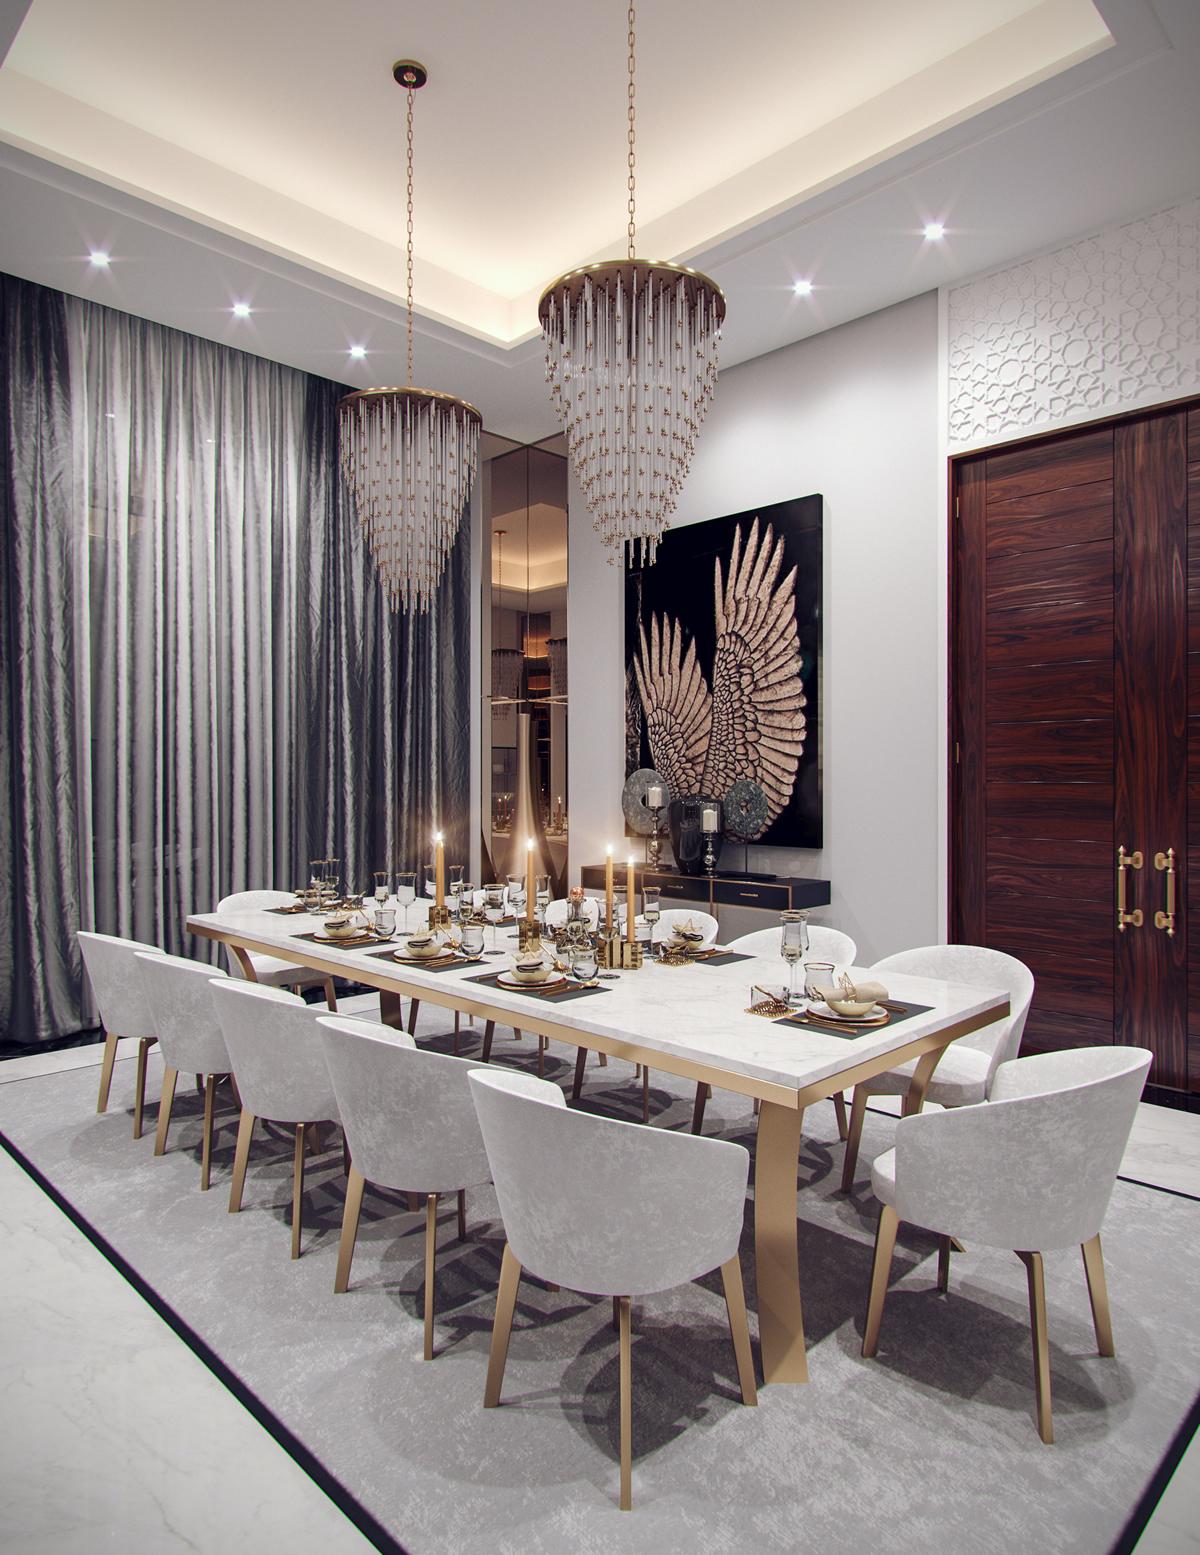 Family villa contemporary arabic interior design